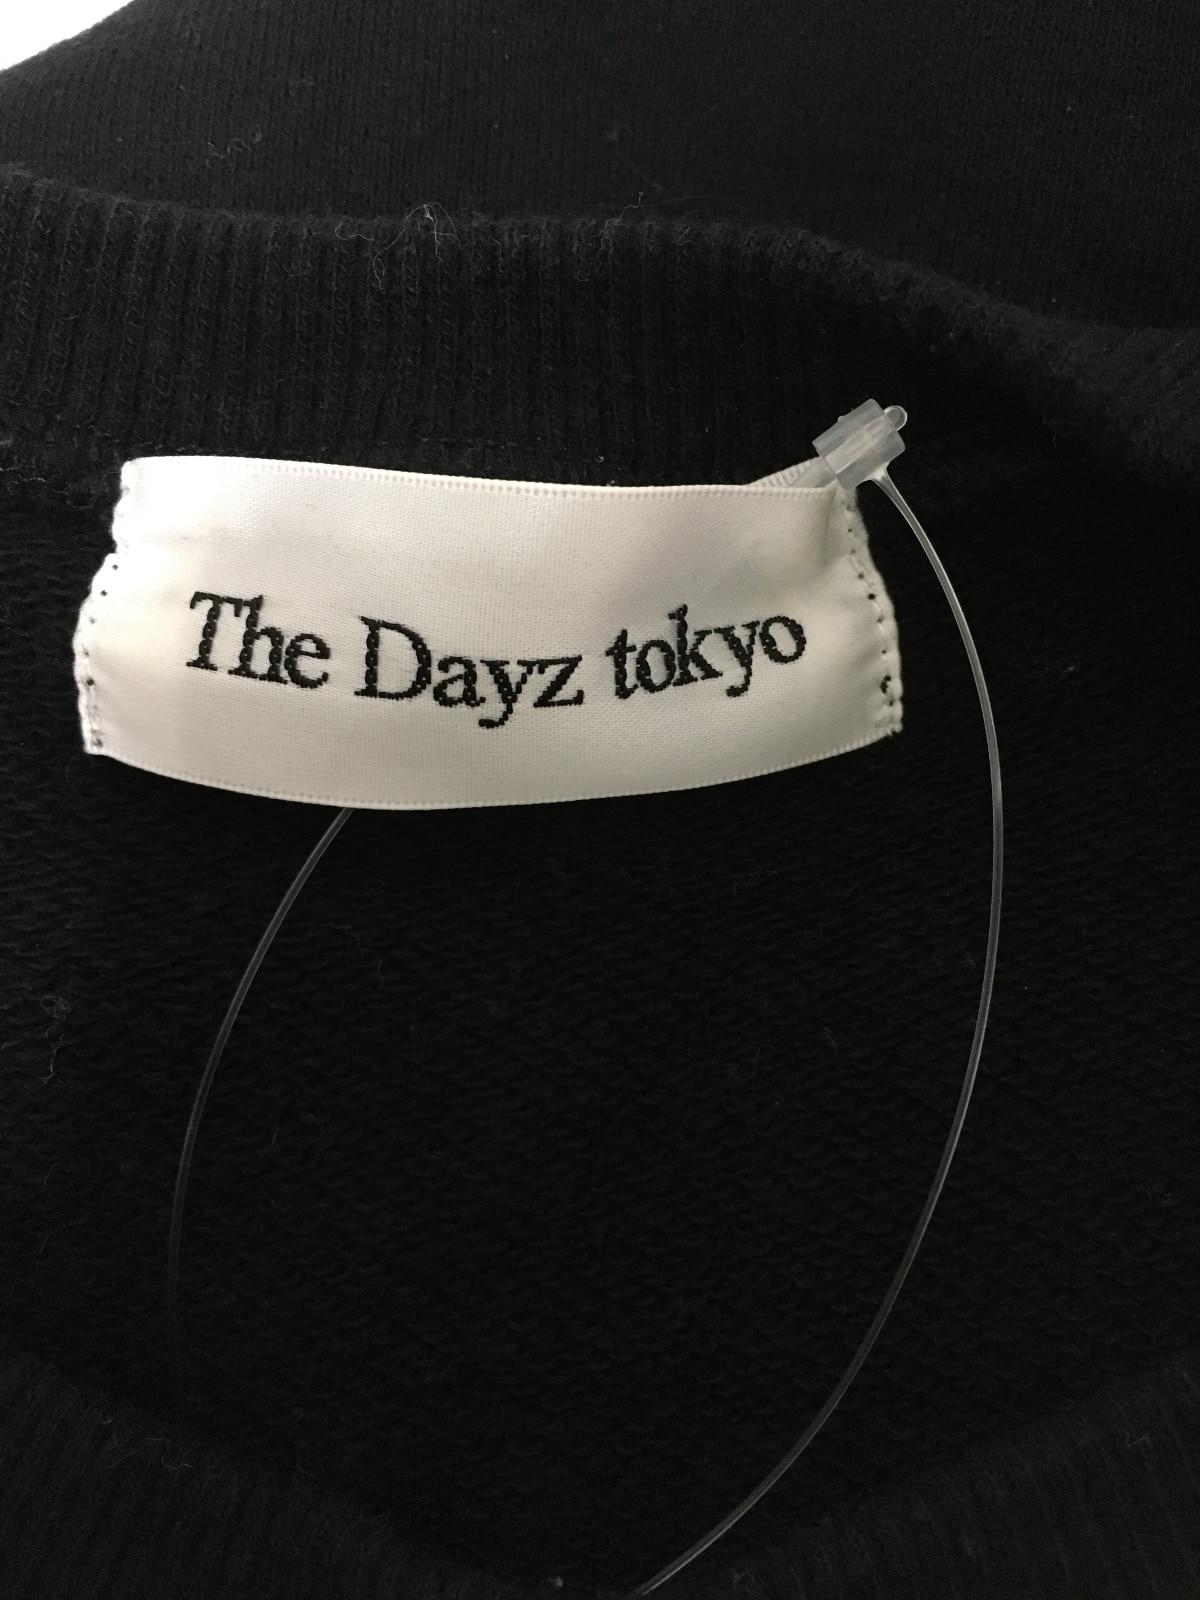 The Dayz tokyo(ザデイズトウキョウ)のレディースパンツセットアップ